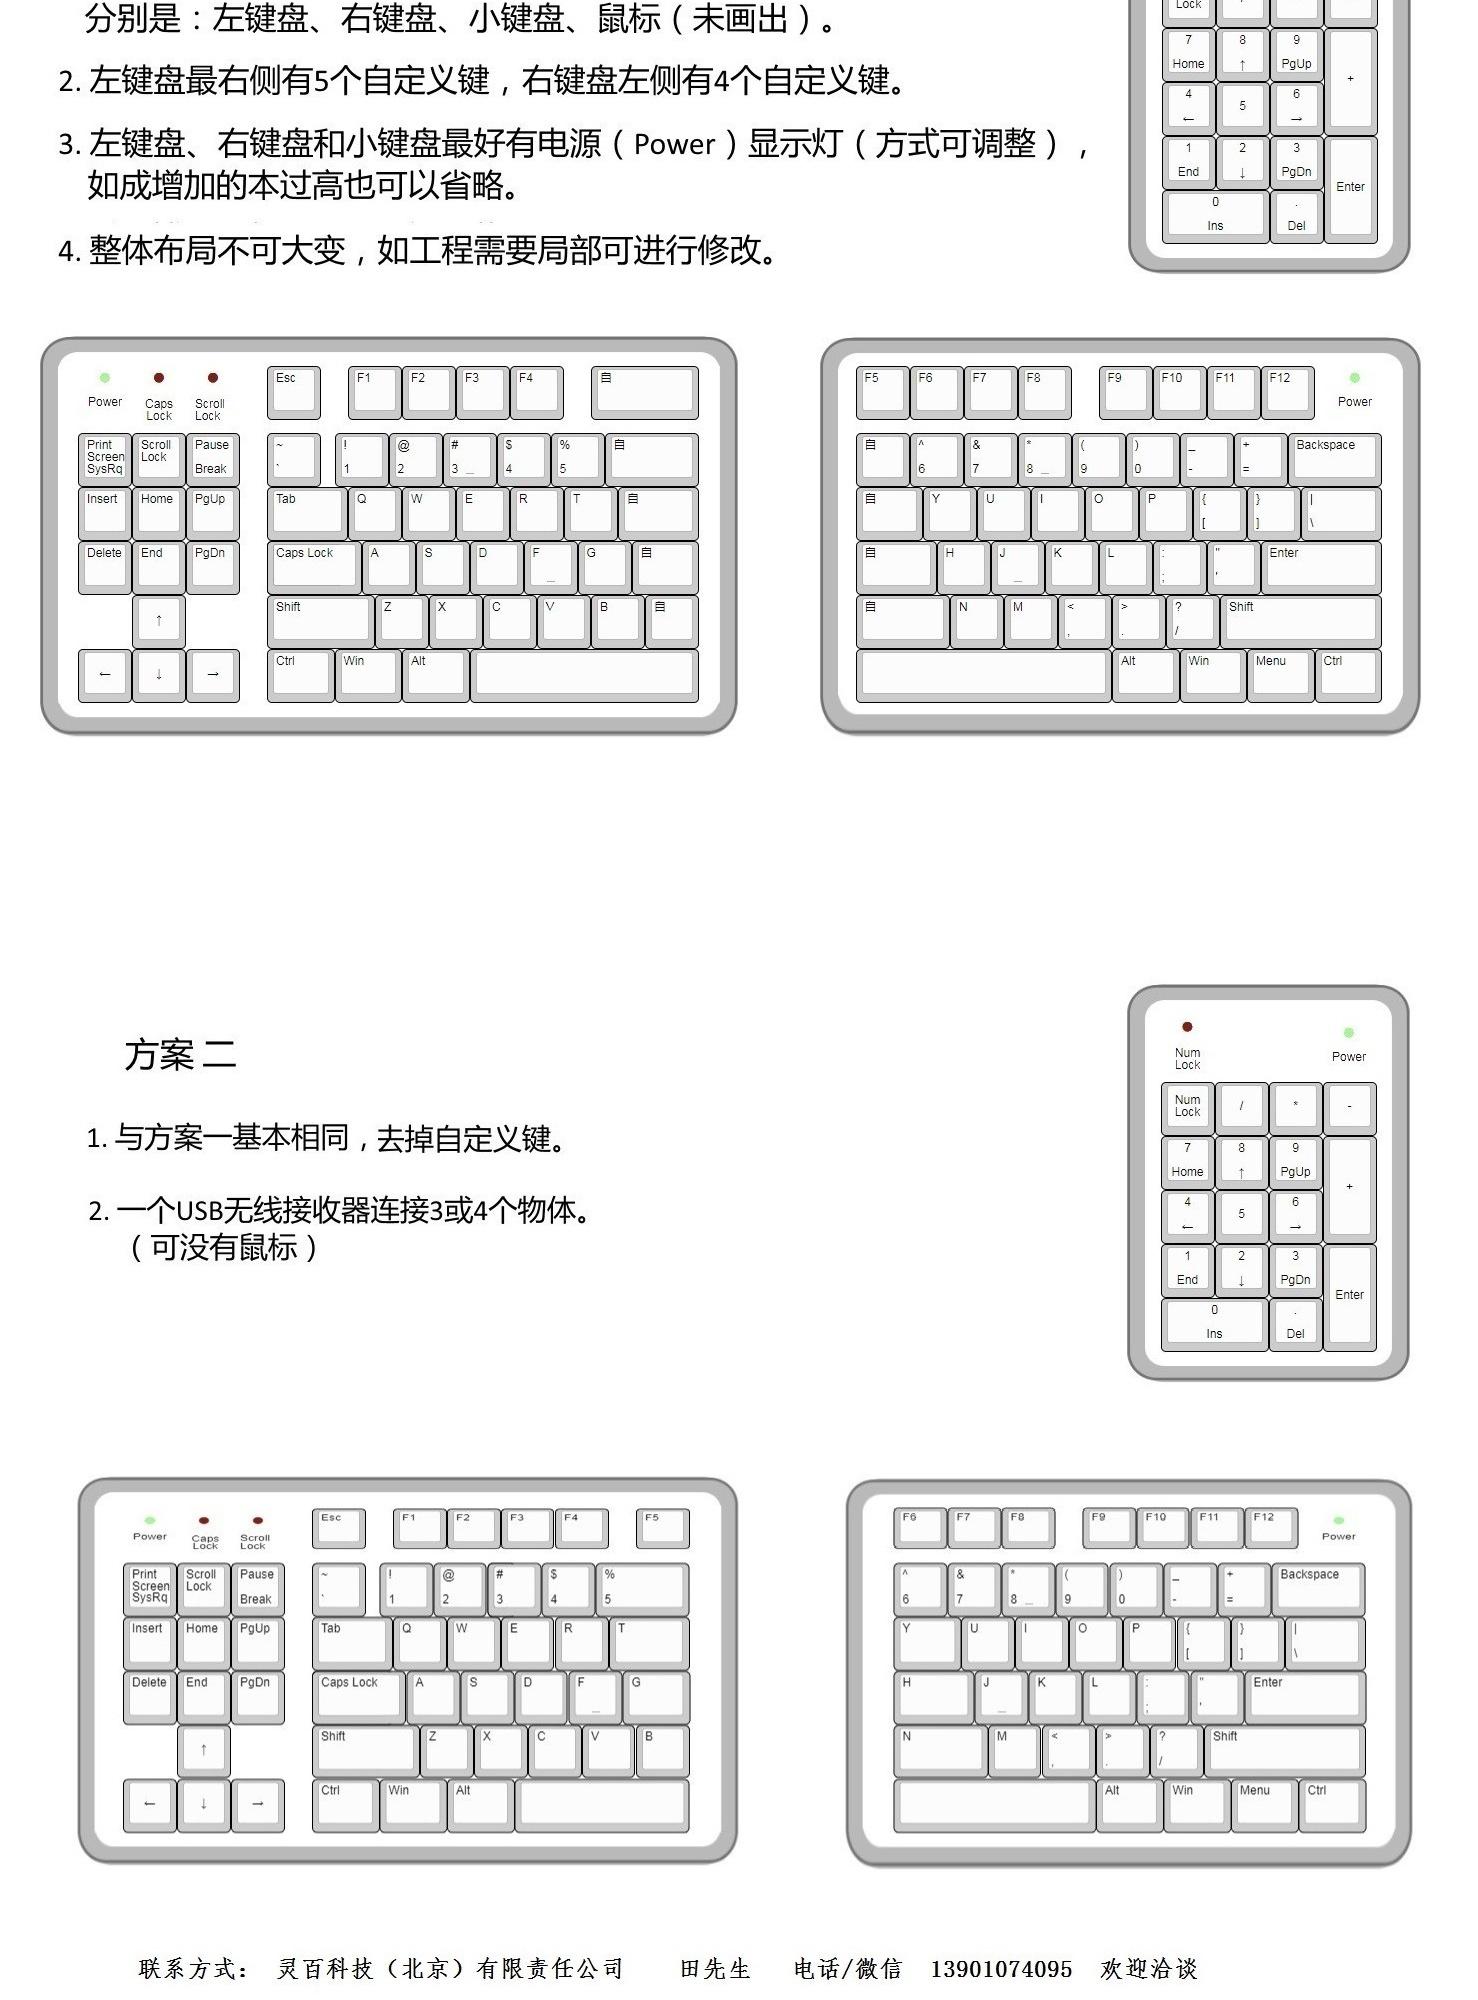 大家看看我设计键盘 ,实现起来难度大么?